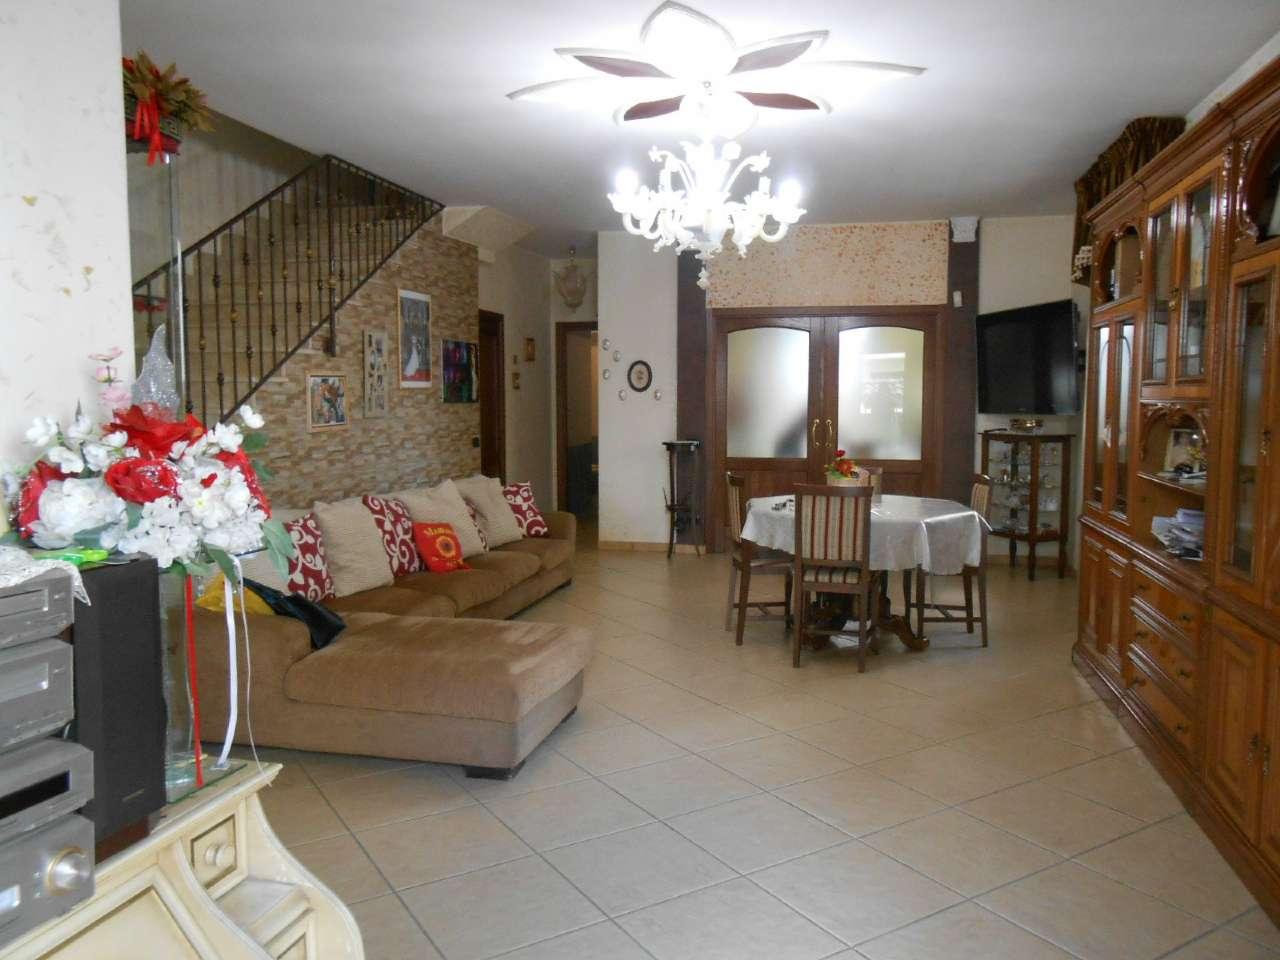 Villa in vendita a Trentola-Ducenta, 8 locali, prezzo € 320.000 | Cambio Casa.it